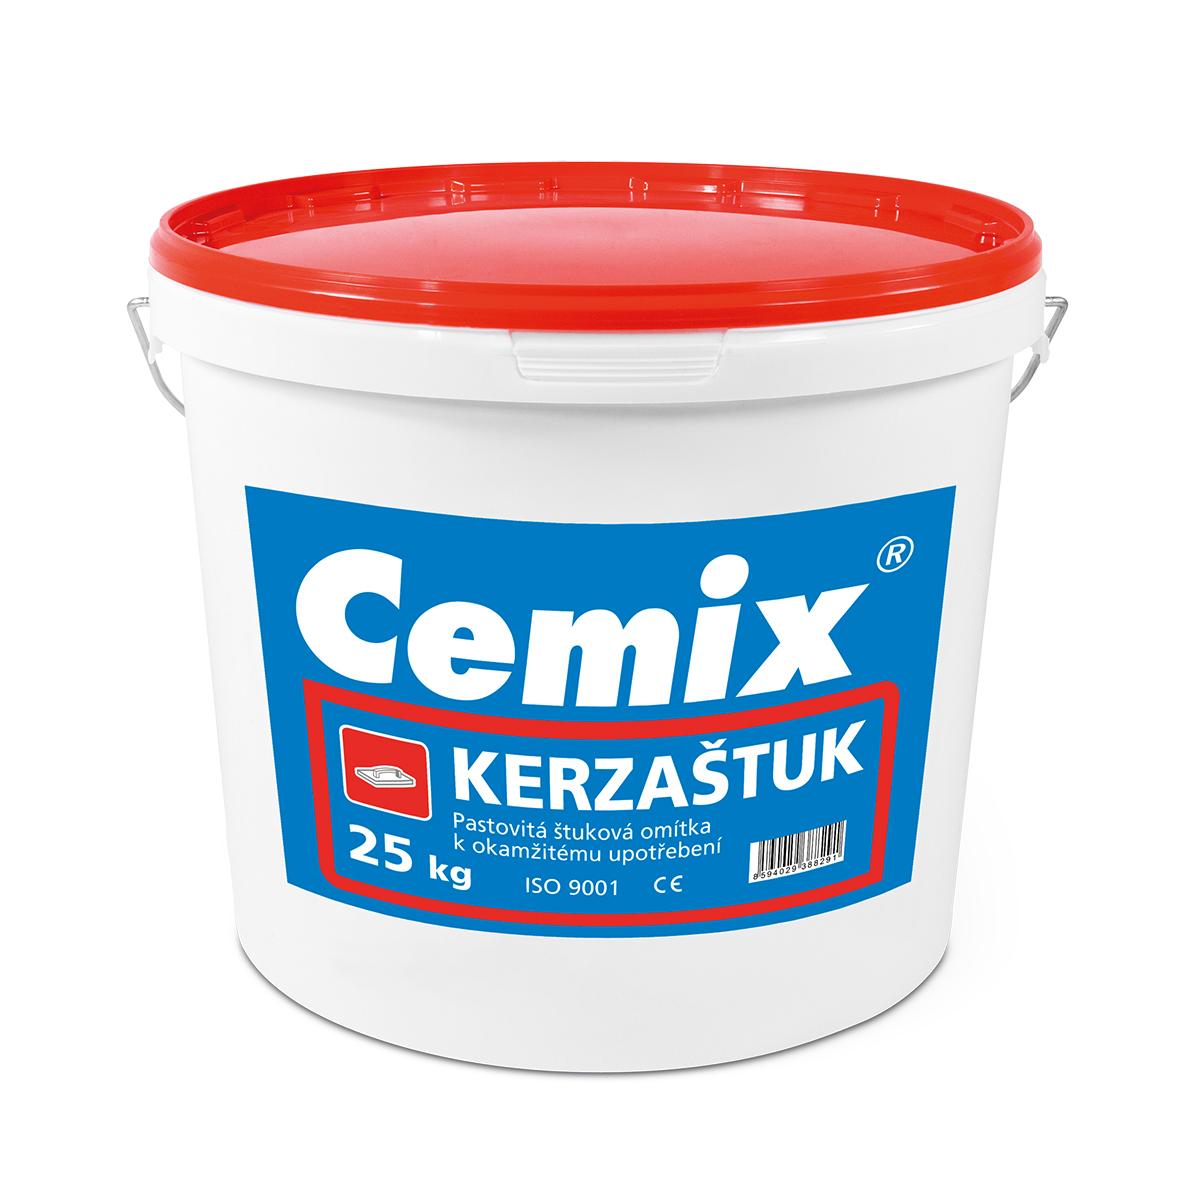 Kerzaštuk 25kg kbelík